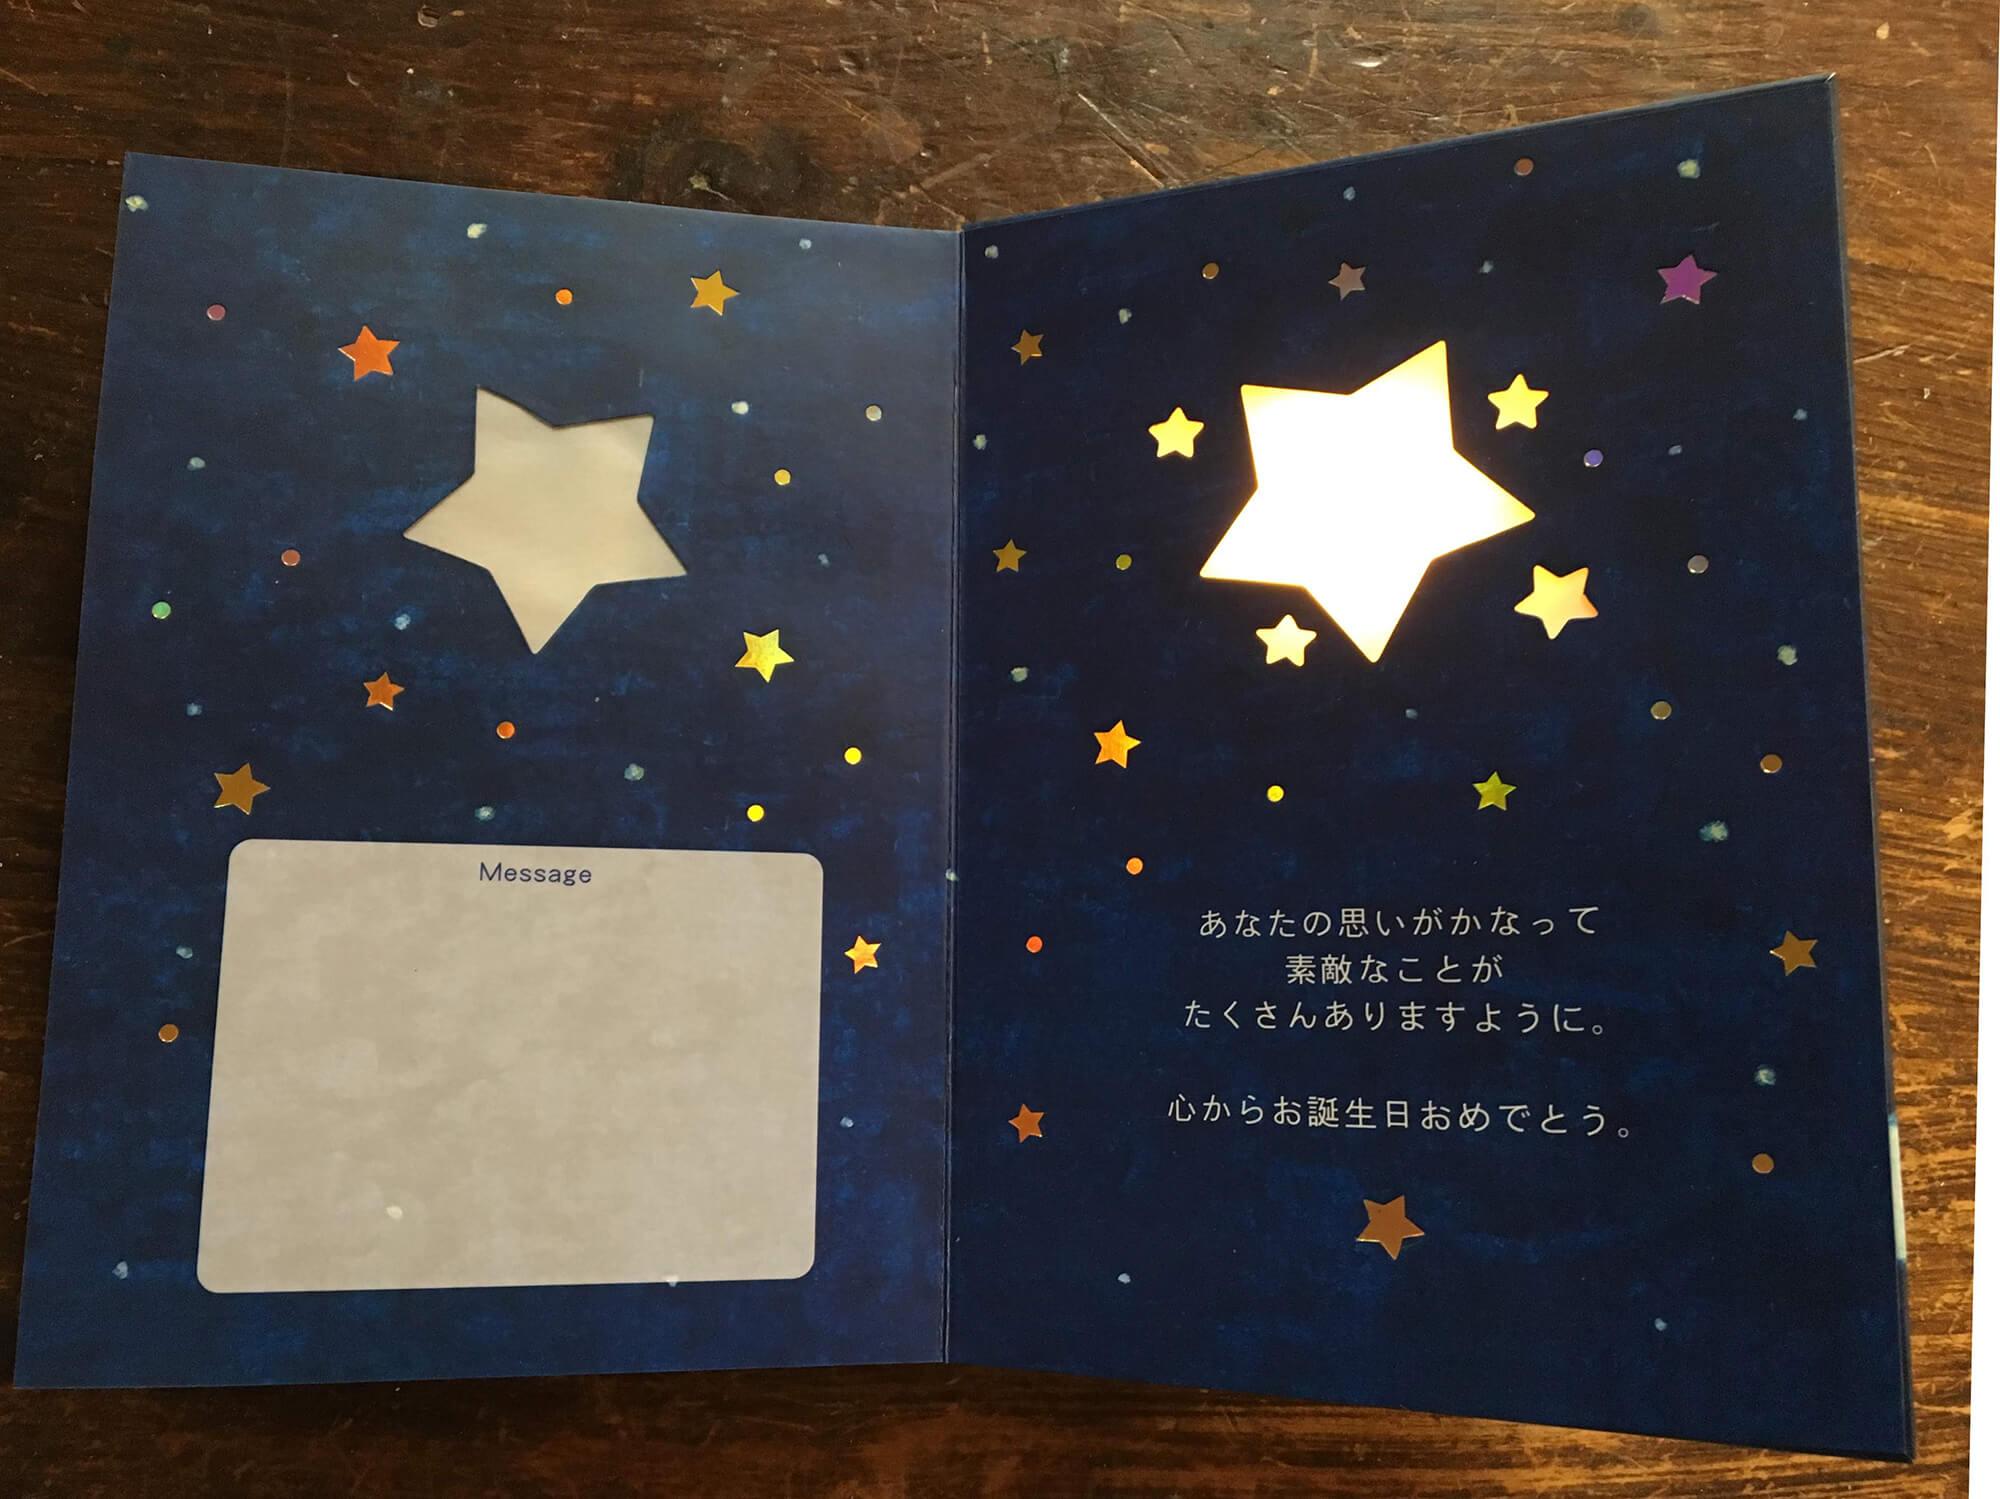 音と光のバースデーブック 学研ステイフル 2019年「星に願いをあなたには幸せを」